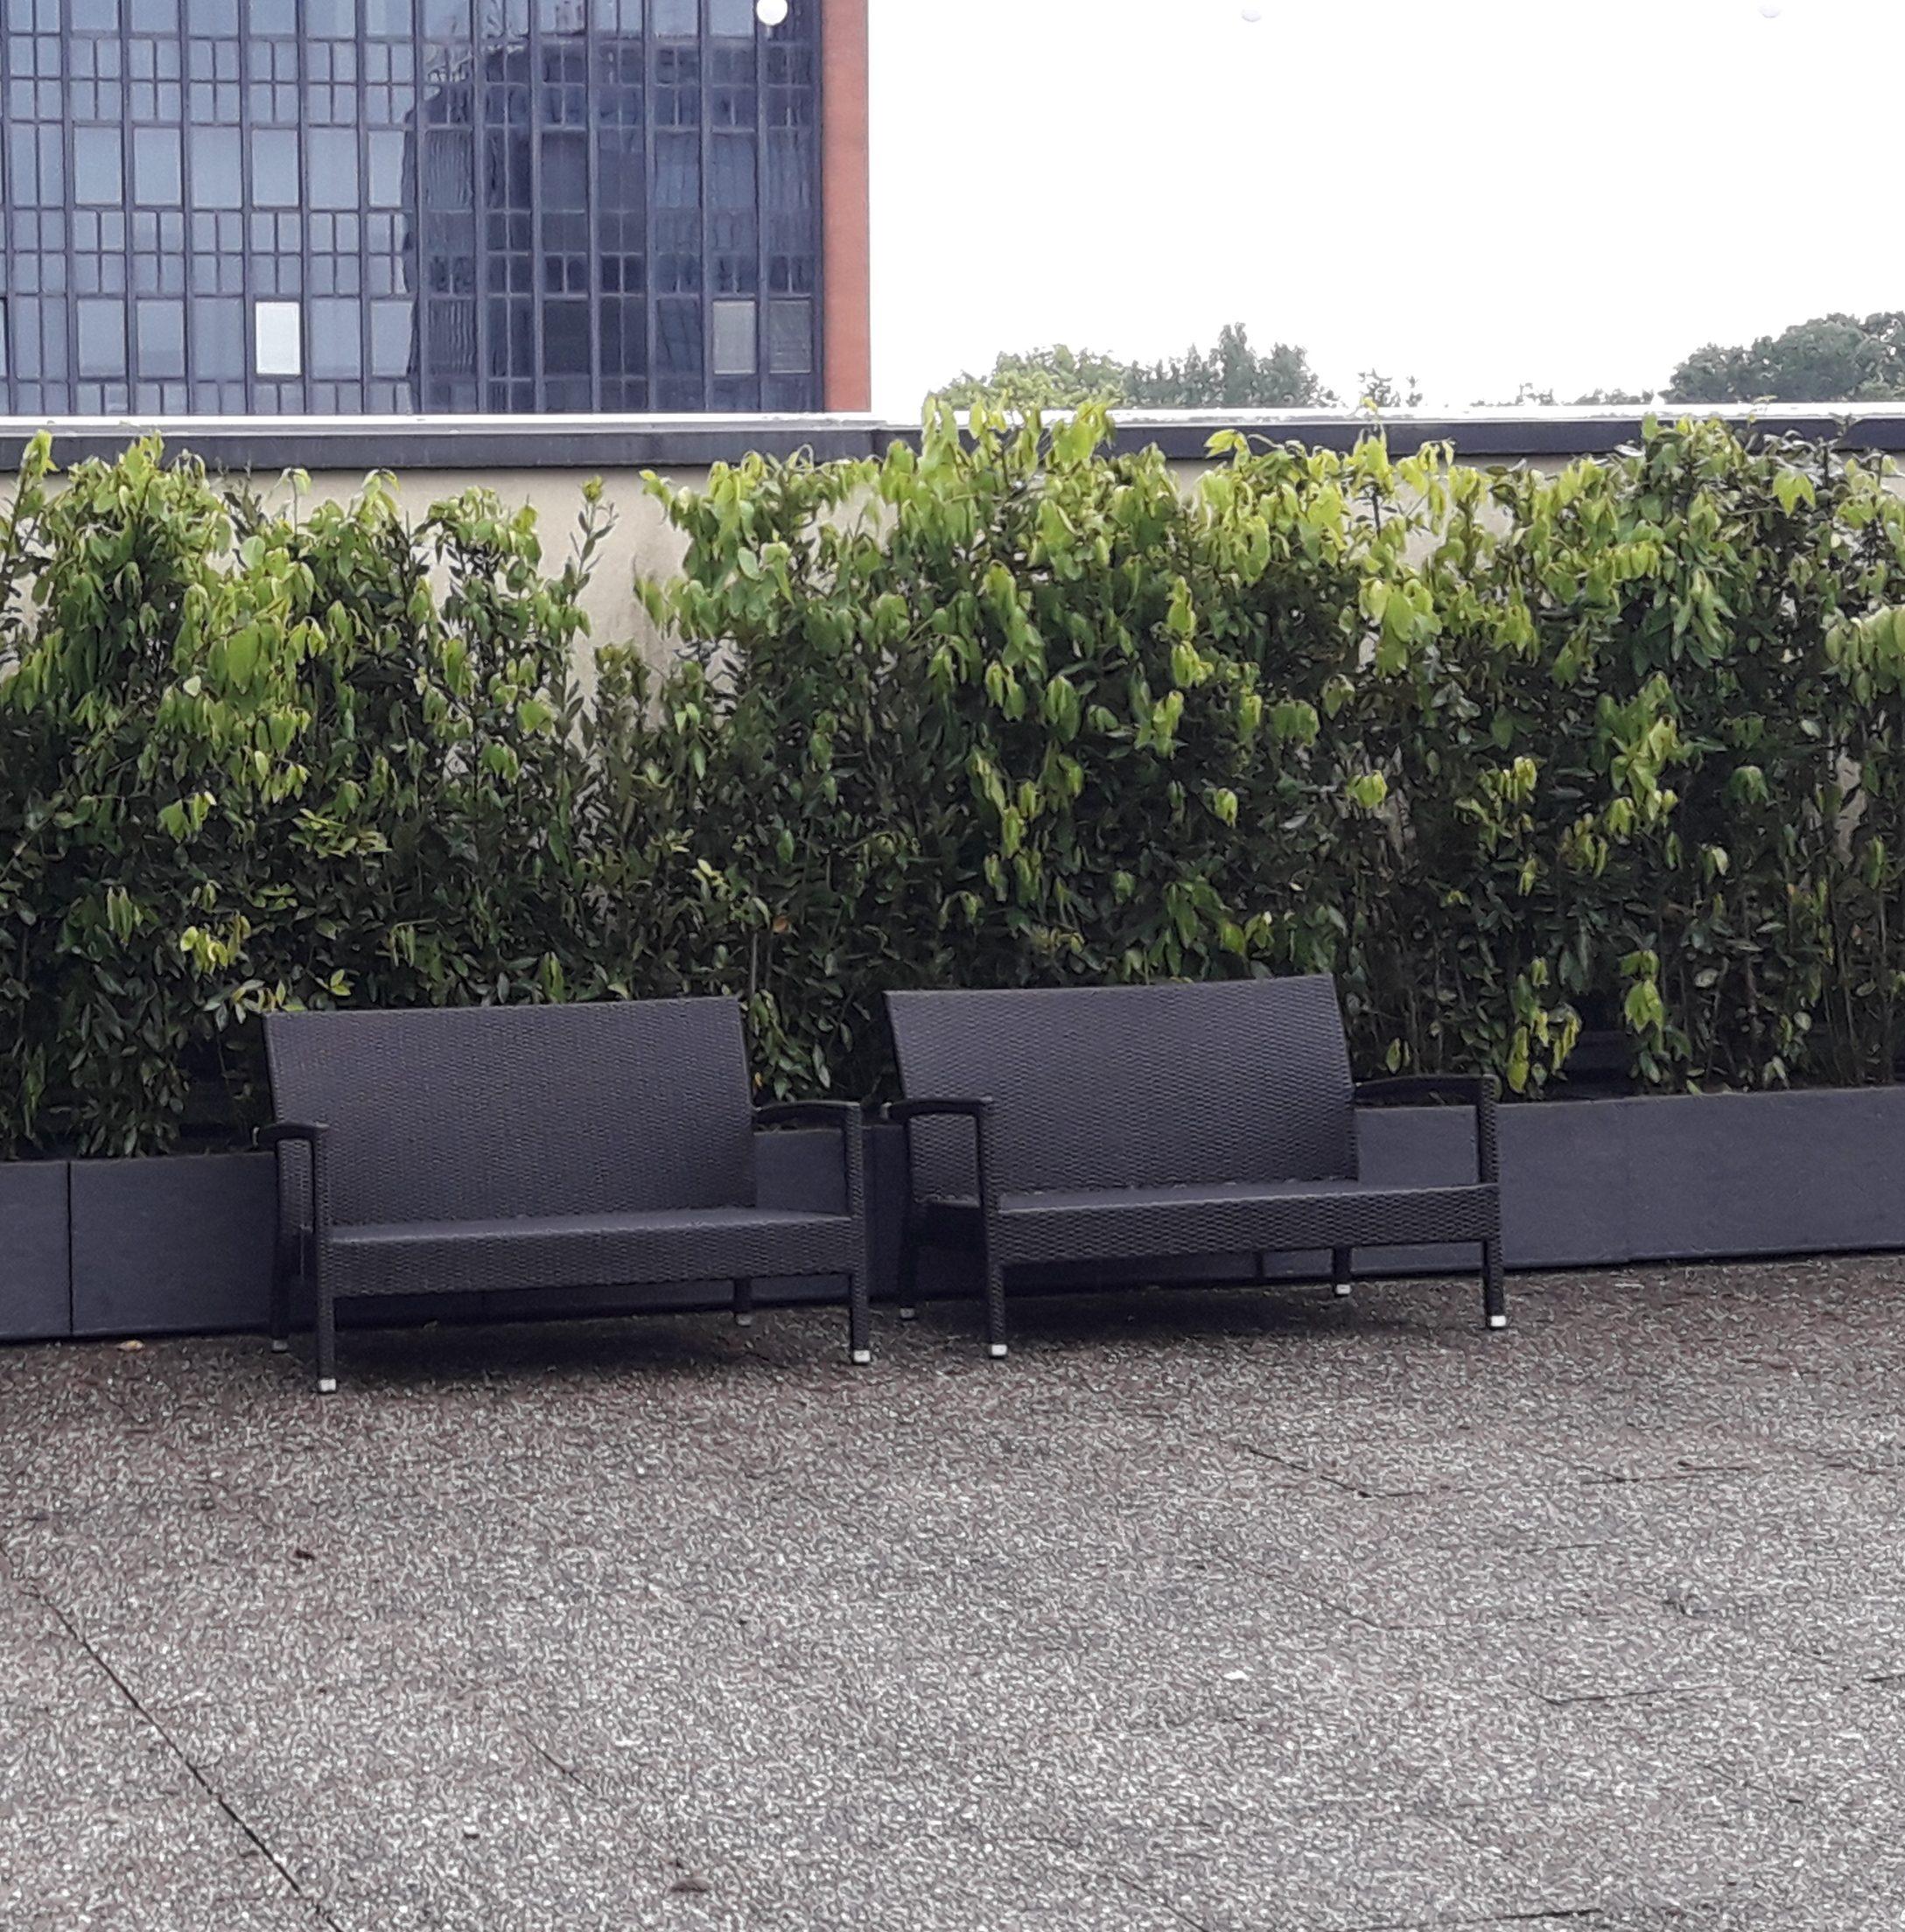 Noleggio arredi da esterno service audio luci e video for Salottini da esterno